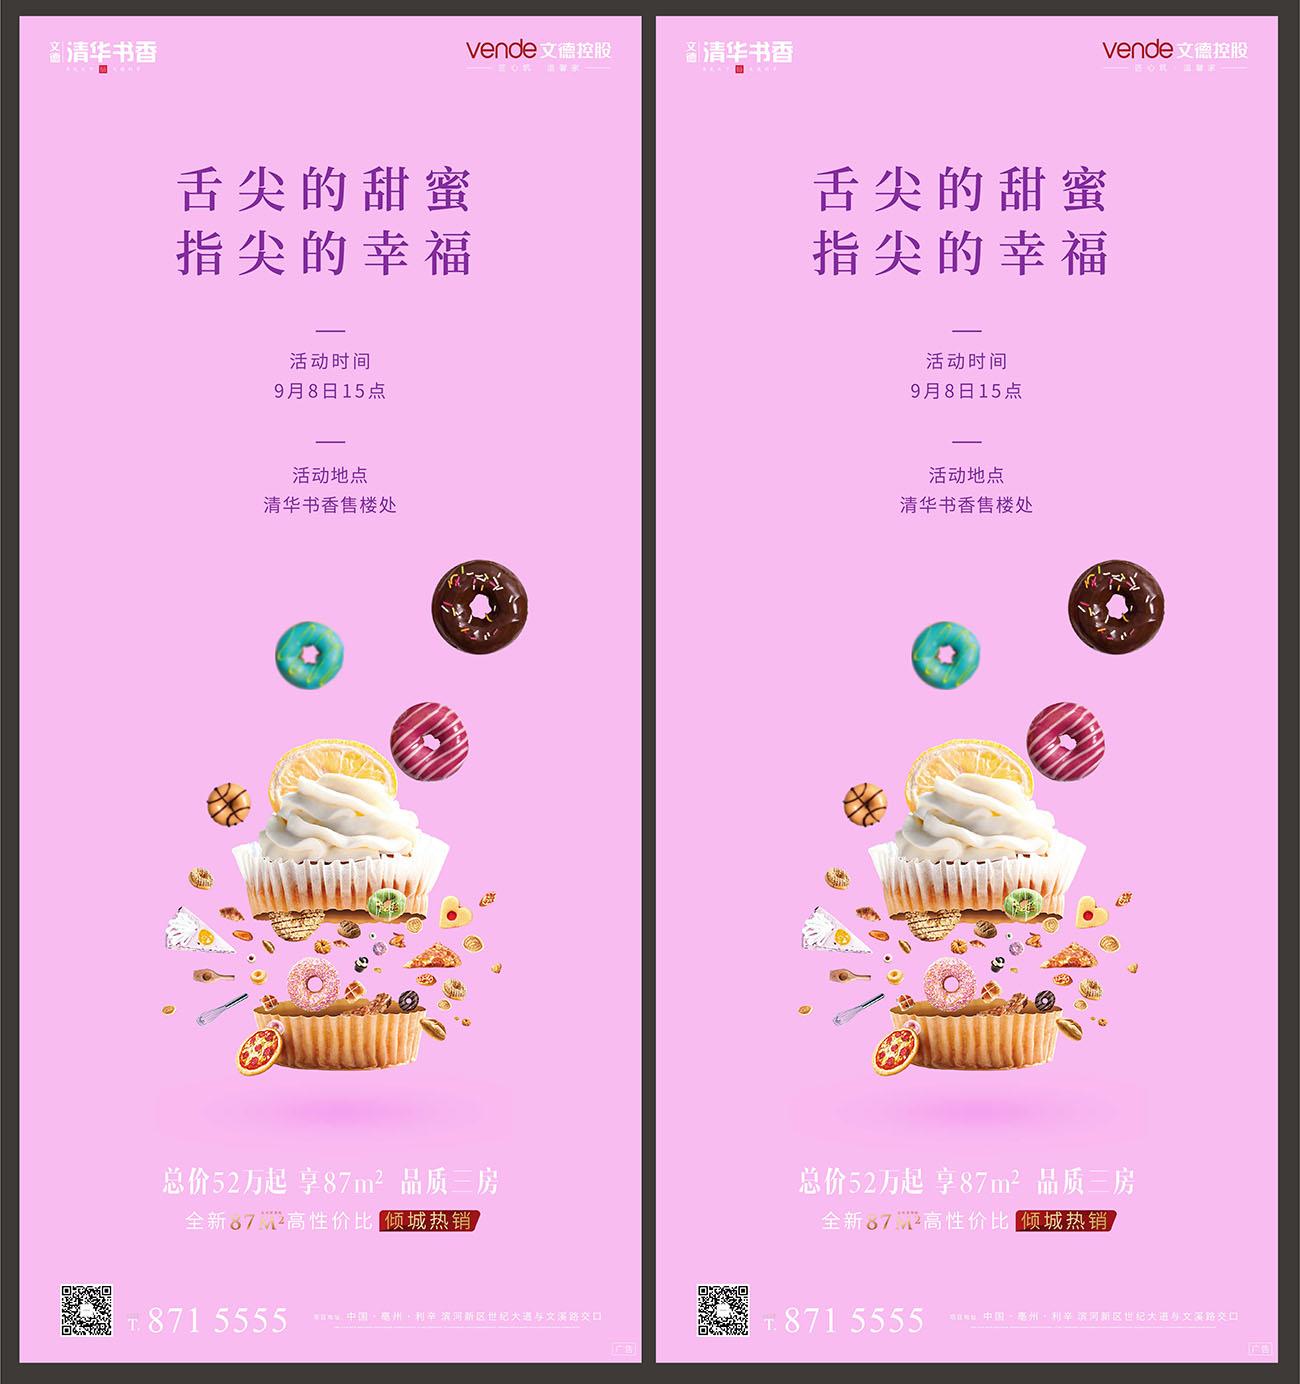 蛋糕DIY暖场活动微信海报AI源文件插图